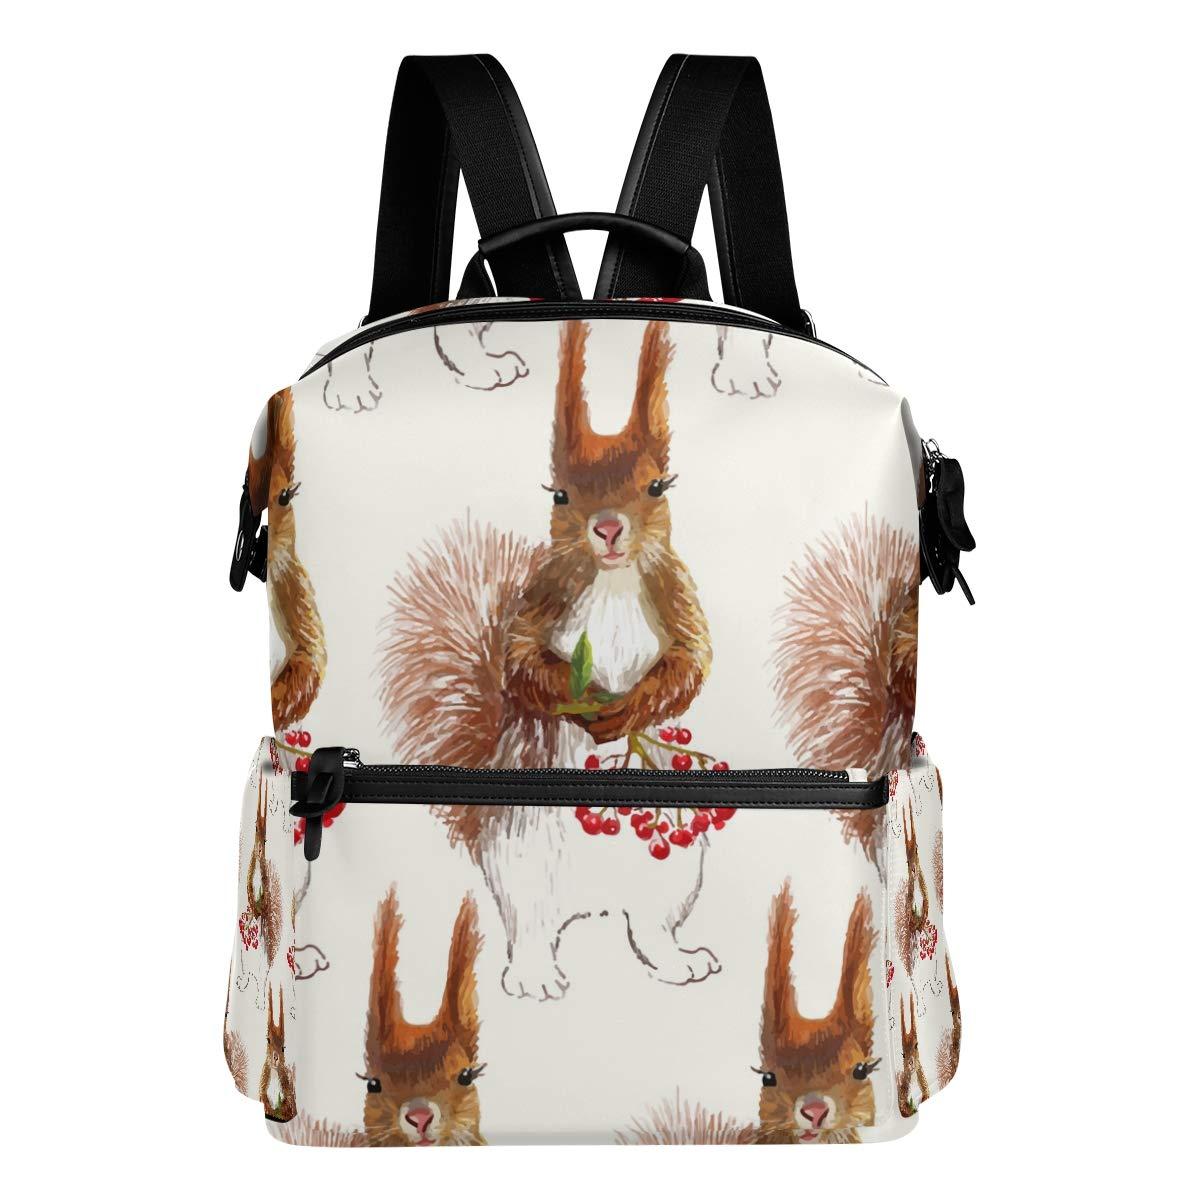 TIZORAX Squirrels Cherry Painting diseño - Mochila Escolar, diseño Painting de Cerezas, para niños y niñas 0a4c5d